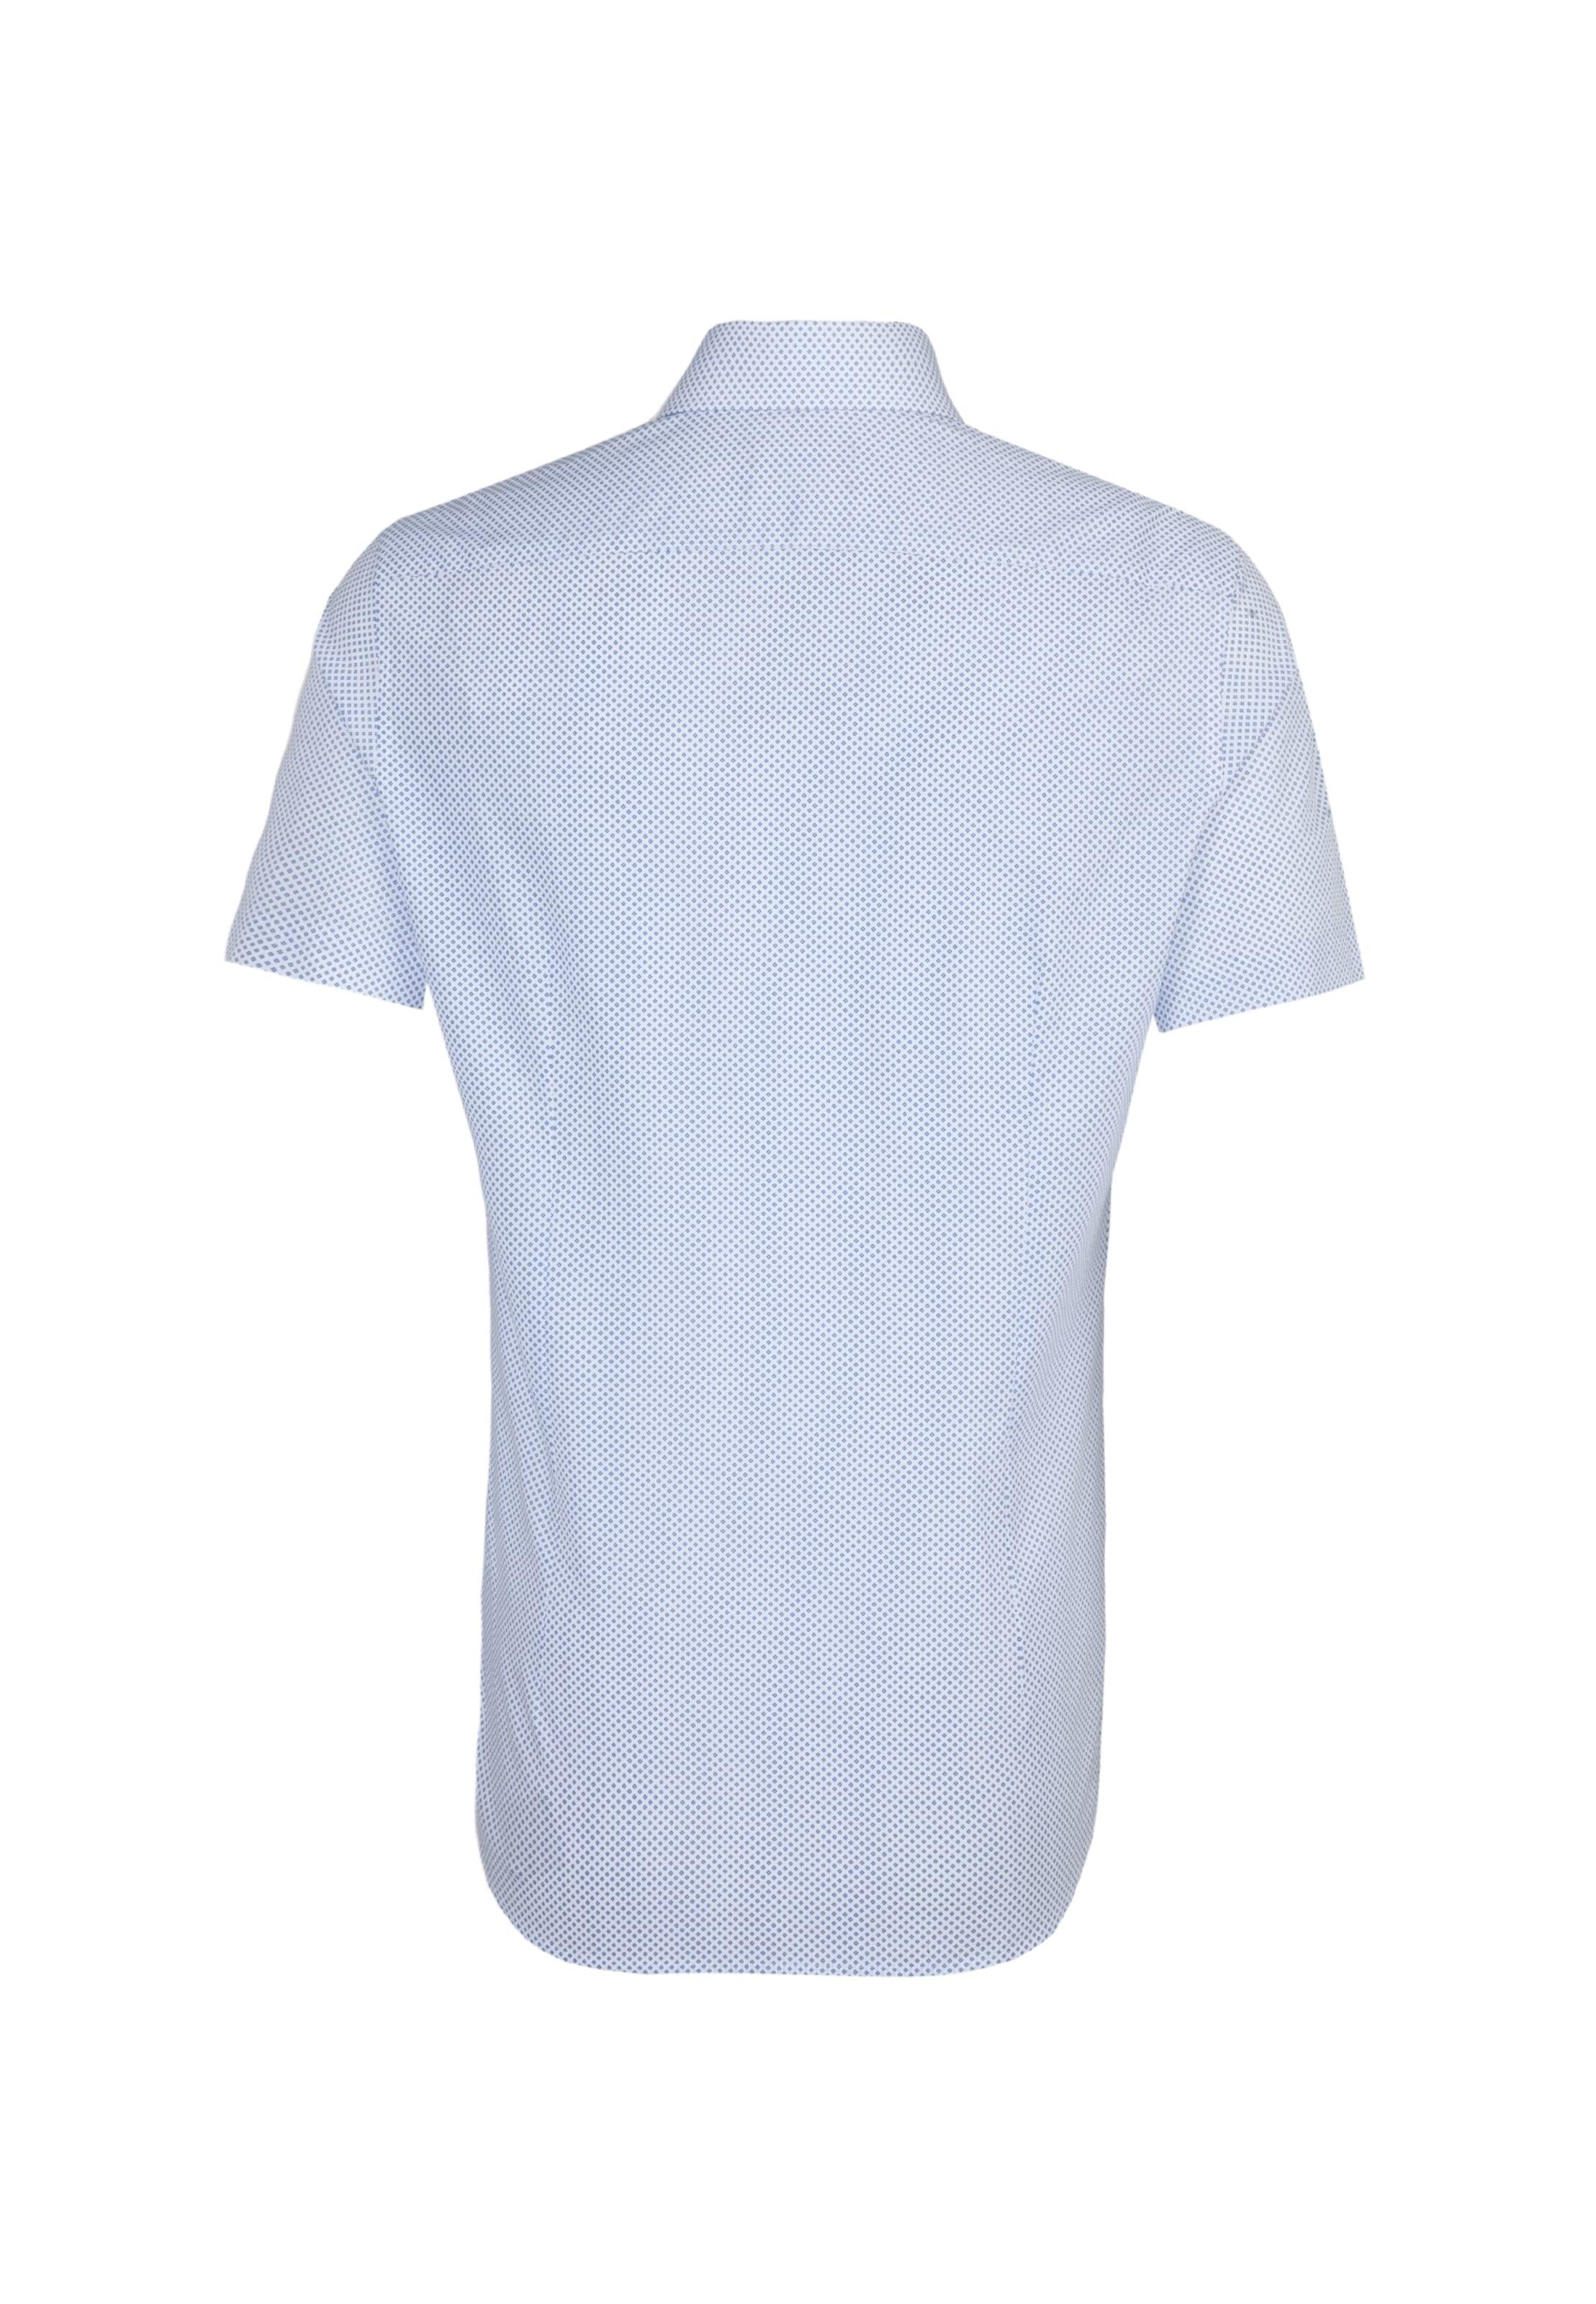 Seidensticker Seidensticker Hemd Hemd HellblauWeiß In HellblauWeiß In UpqSzMV